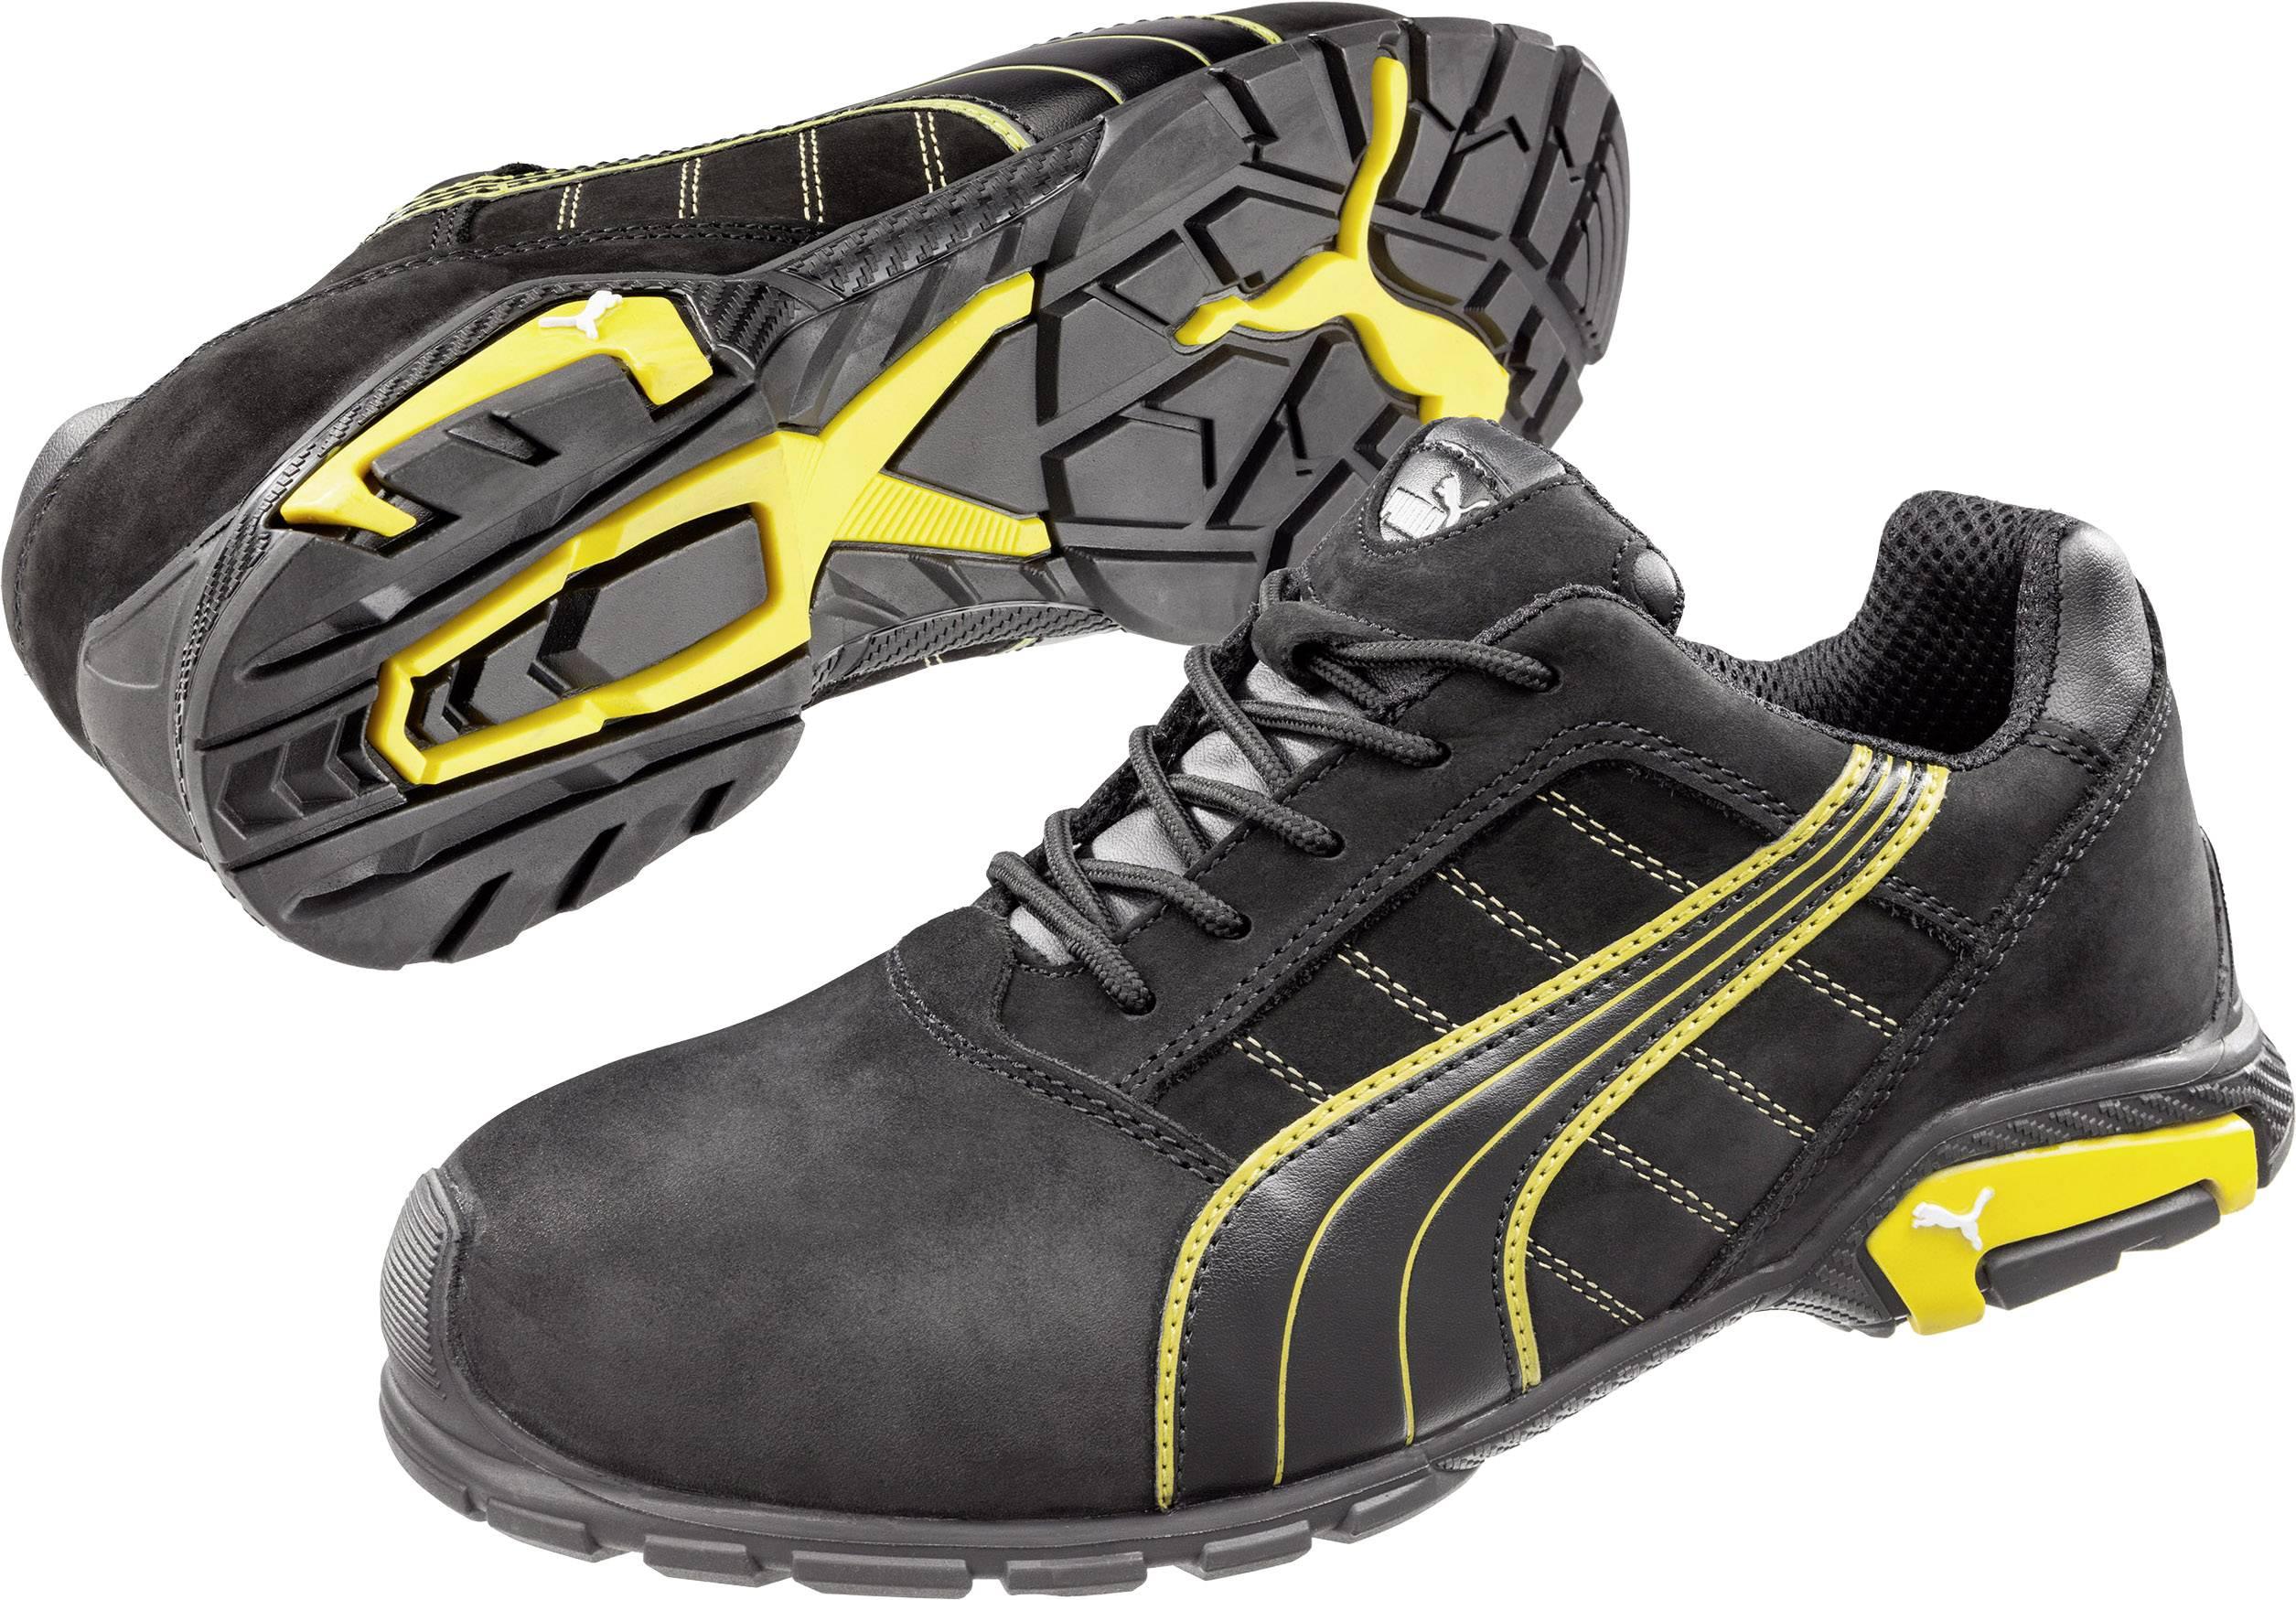 Chaussures de sécurité S3 PUMA Safety Amsterdam Low 642710 Taille: 41 noir, jaune 1 paire(s)